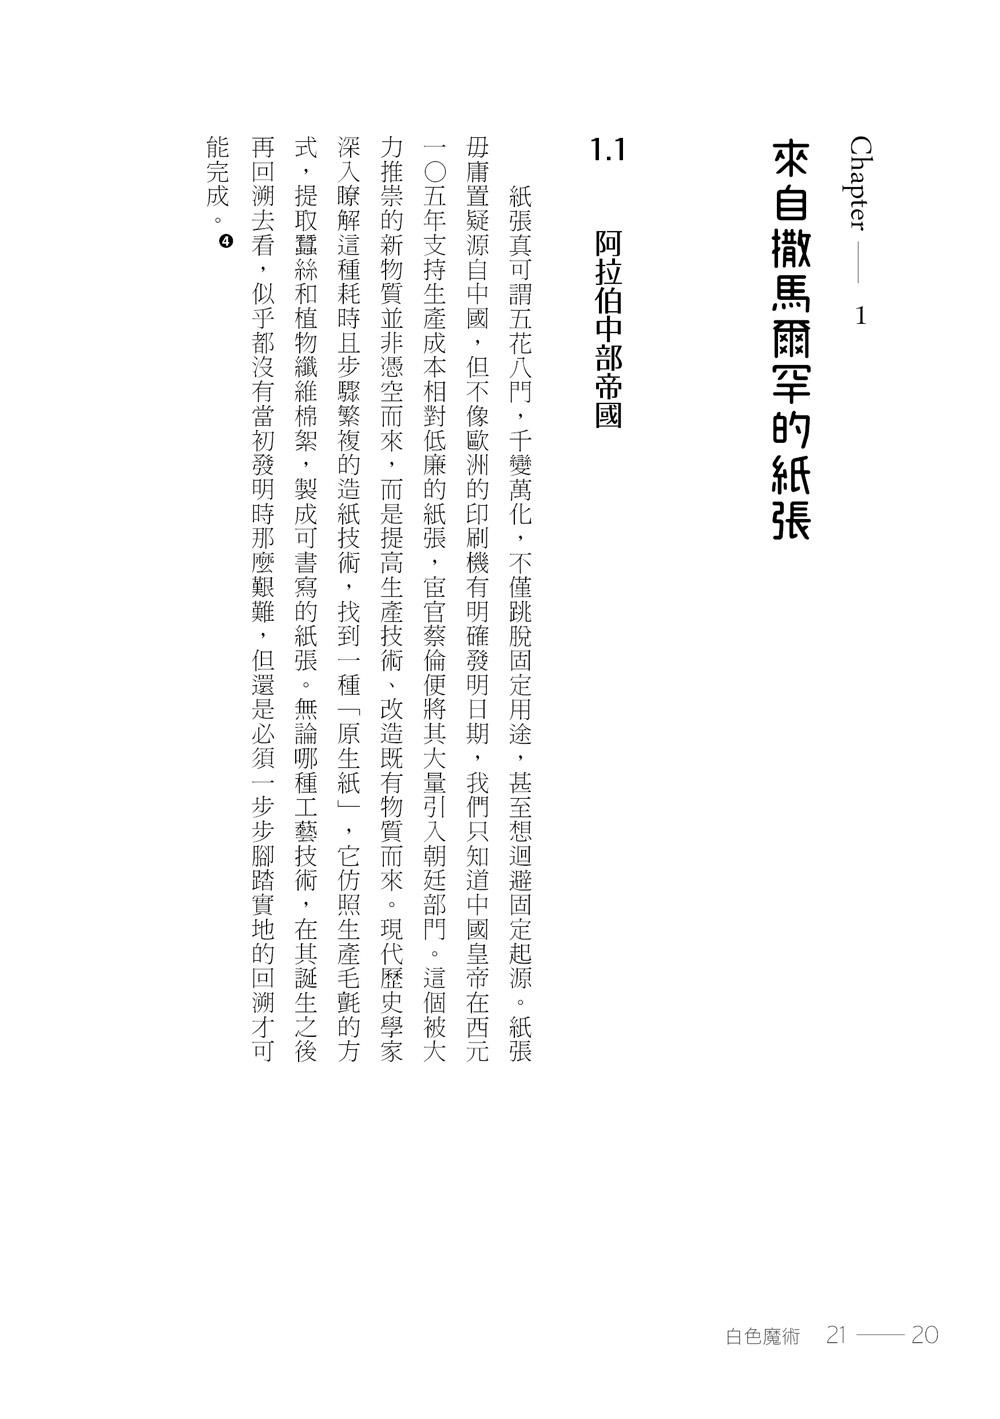 http://im1.book.com.tw/image/getImage?i=http://www.books.com.tw/img/001/076/42/0010764237_b_02.jpg&v=59a94512&w=655&h=609